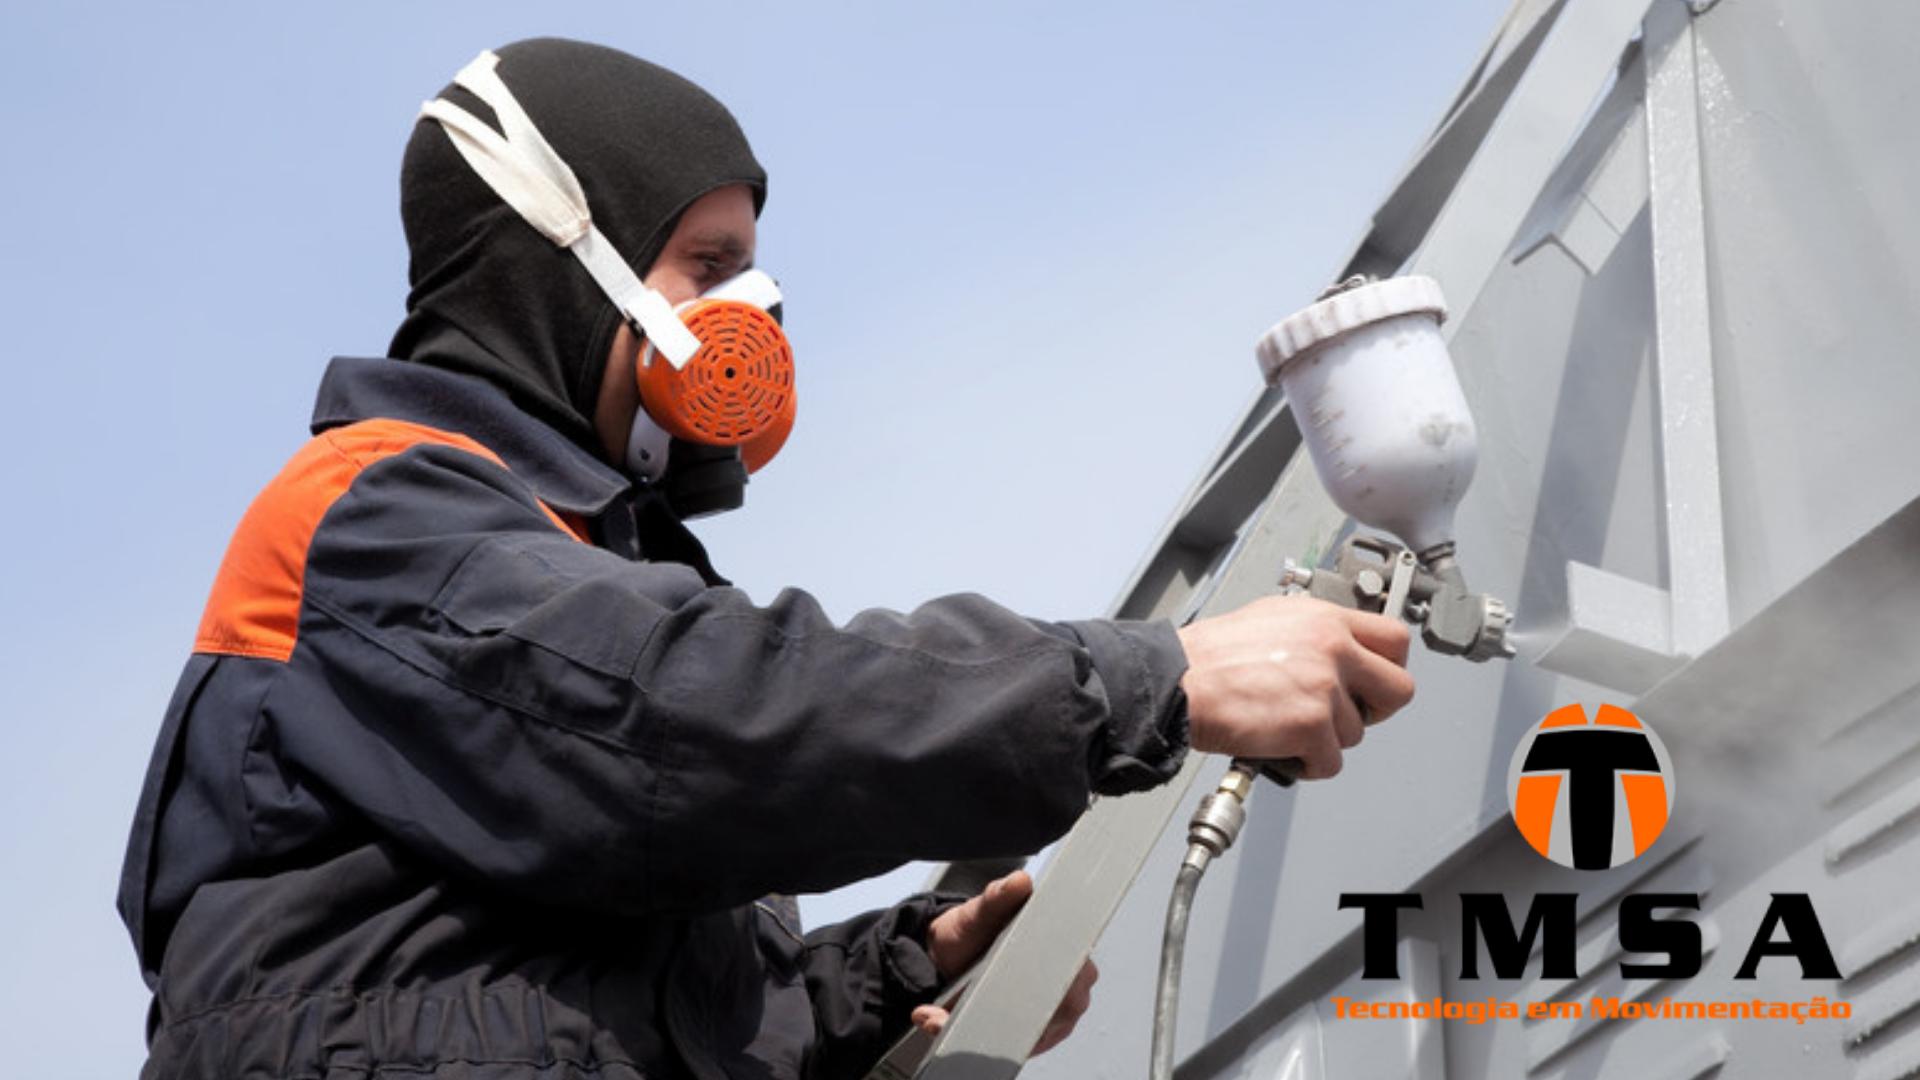 As vagas de emprego para Minas Gerais e Rio Grande do Sul são abertas pela TMSA, empresa que fornece equipamentos para terminais e movimentação de granéis